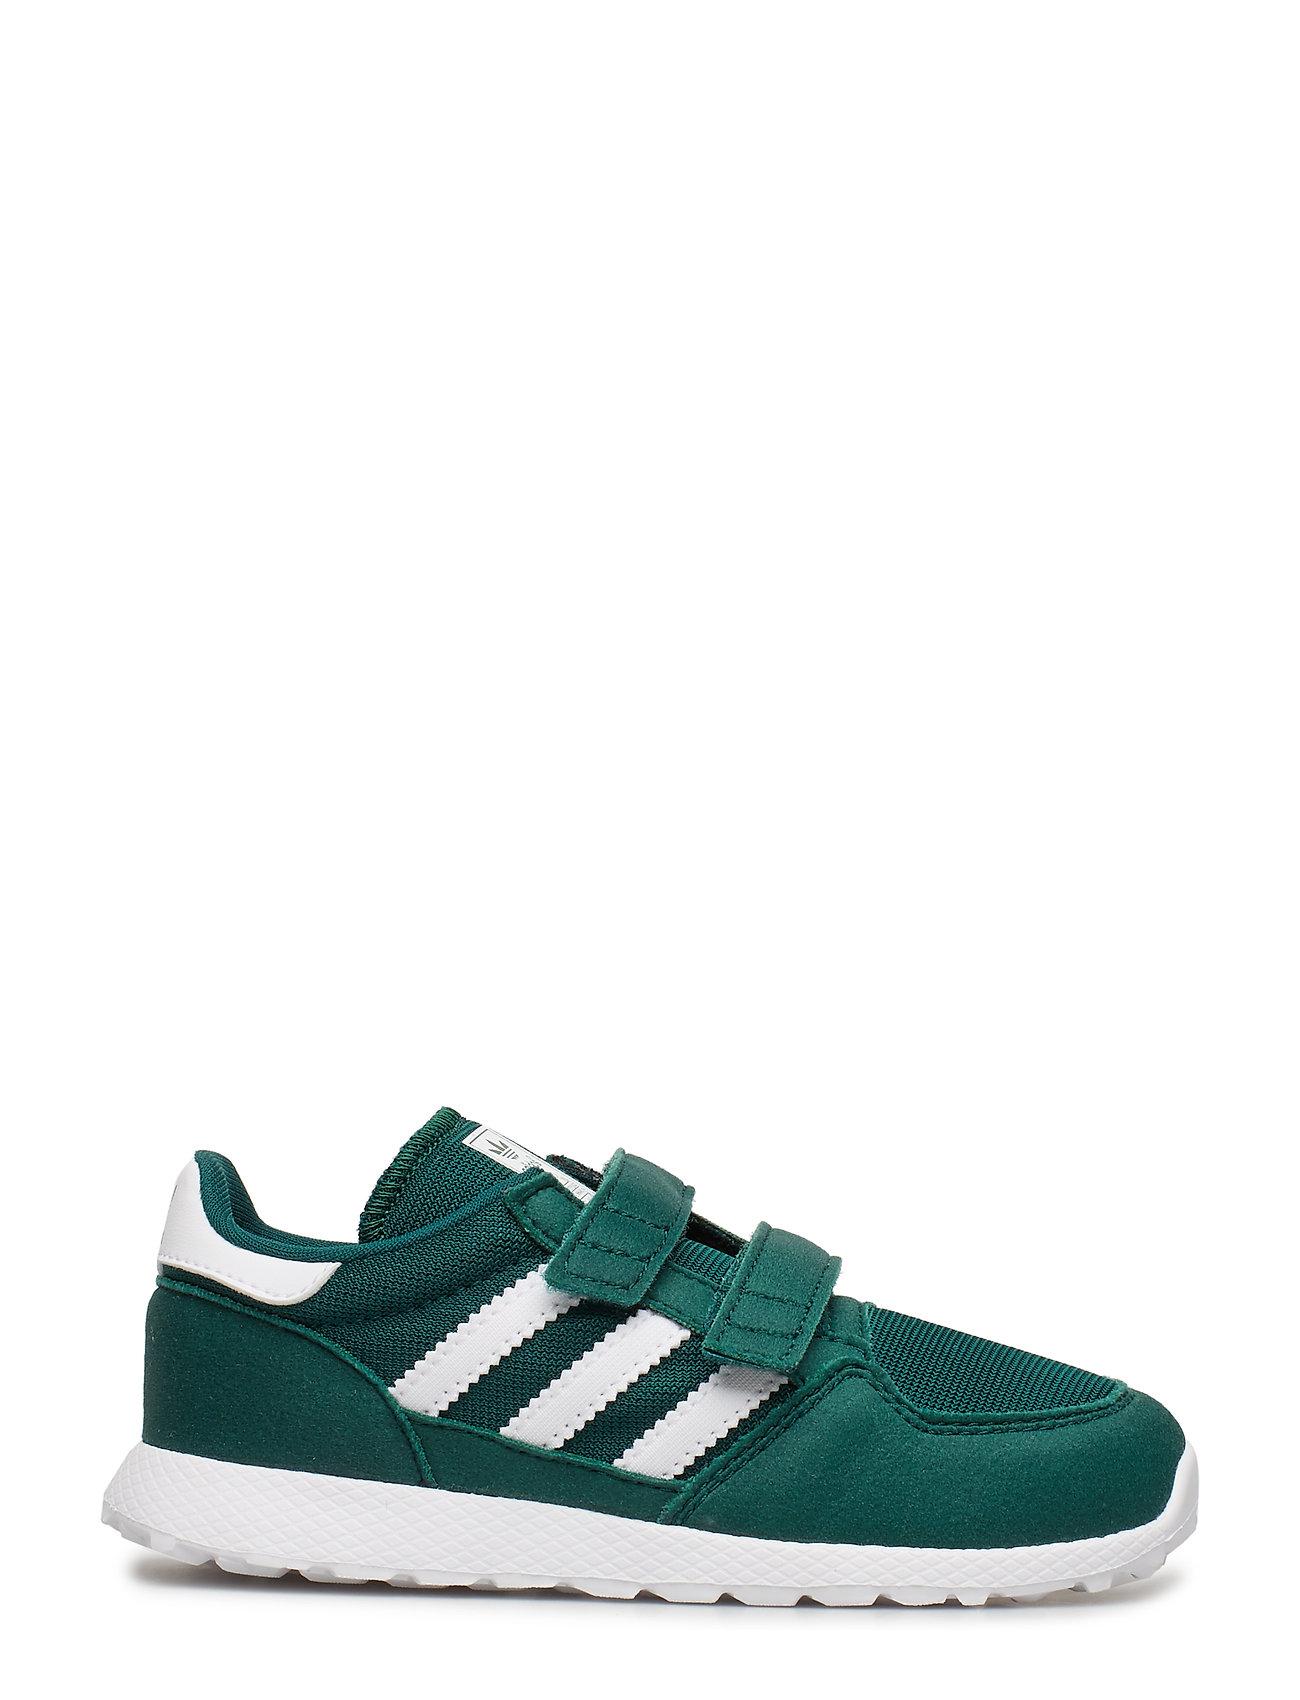 e4bbccad CBLACK/CBLACK/CBLACK Adidas Forest Grove Cf I sneakers for børn ...